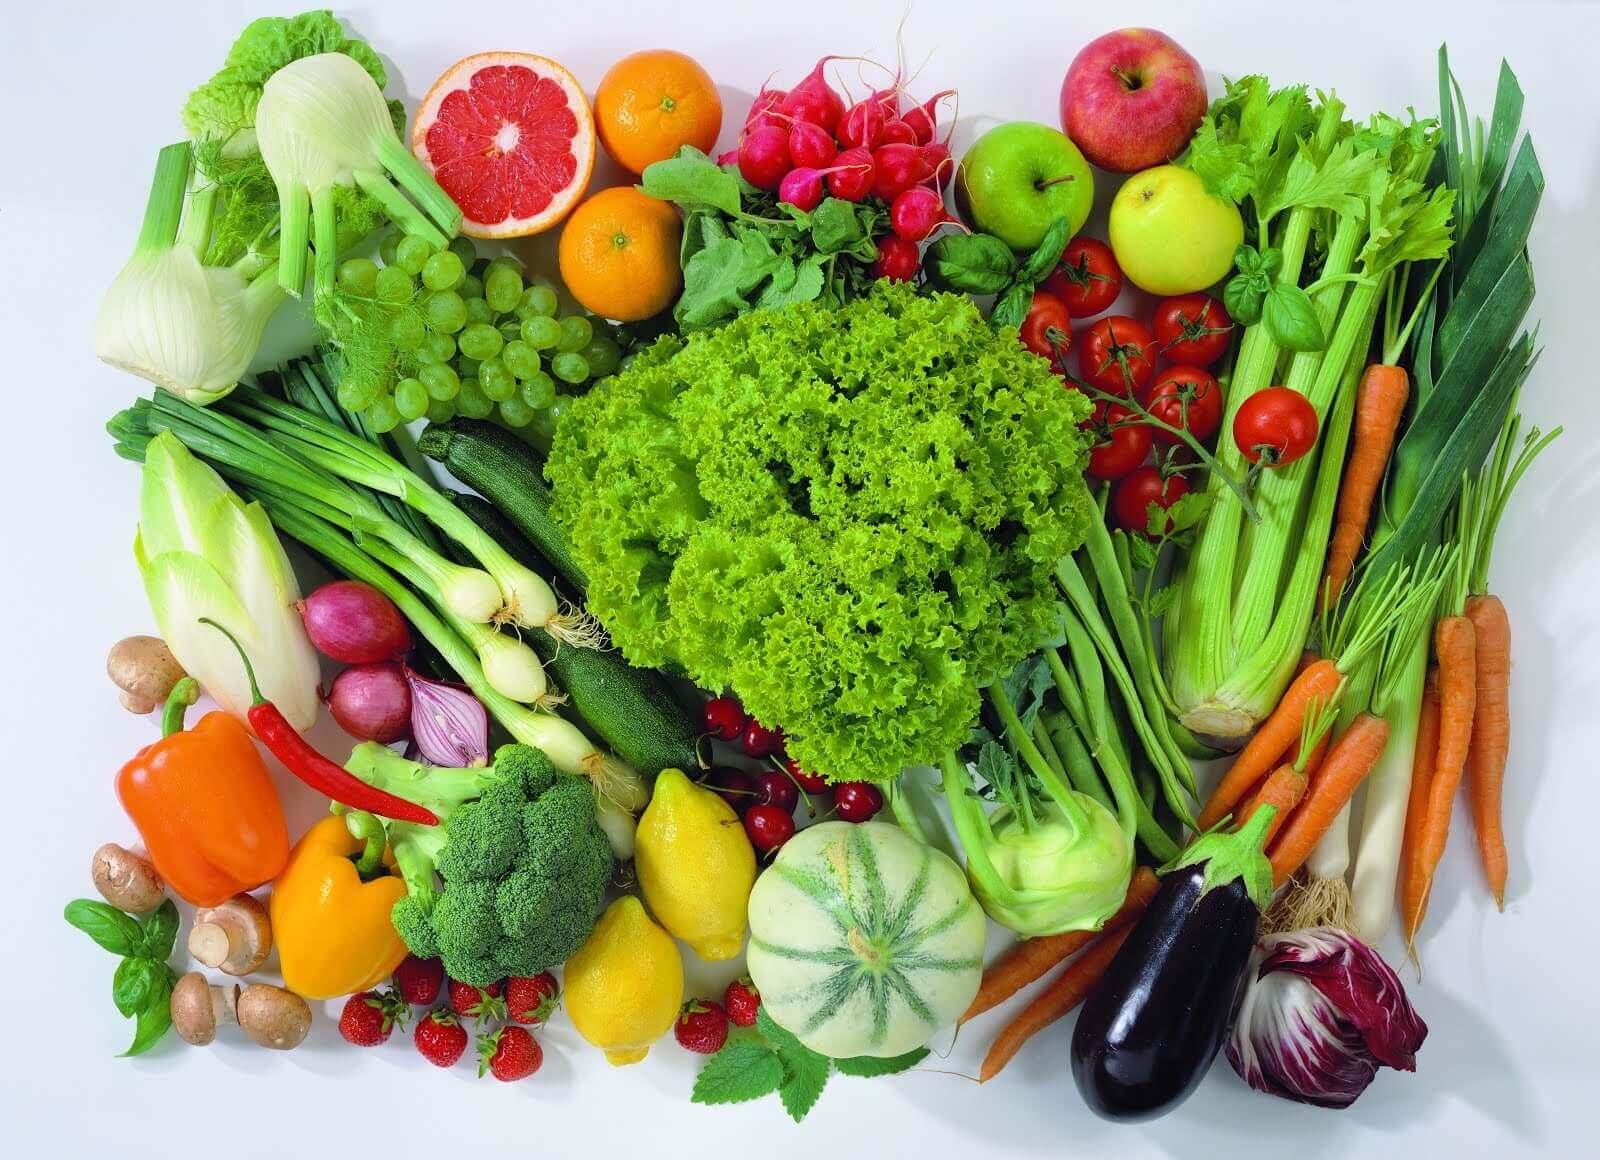 υγιεινή διατροφή για να αποφύγετε το εγκεφαλικό